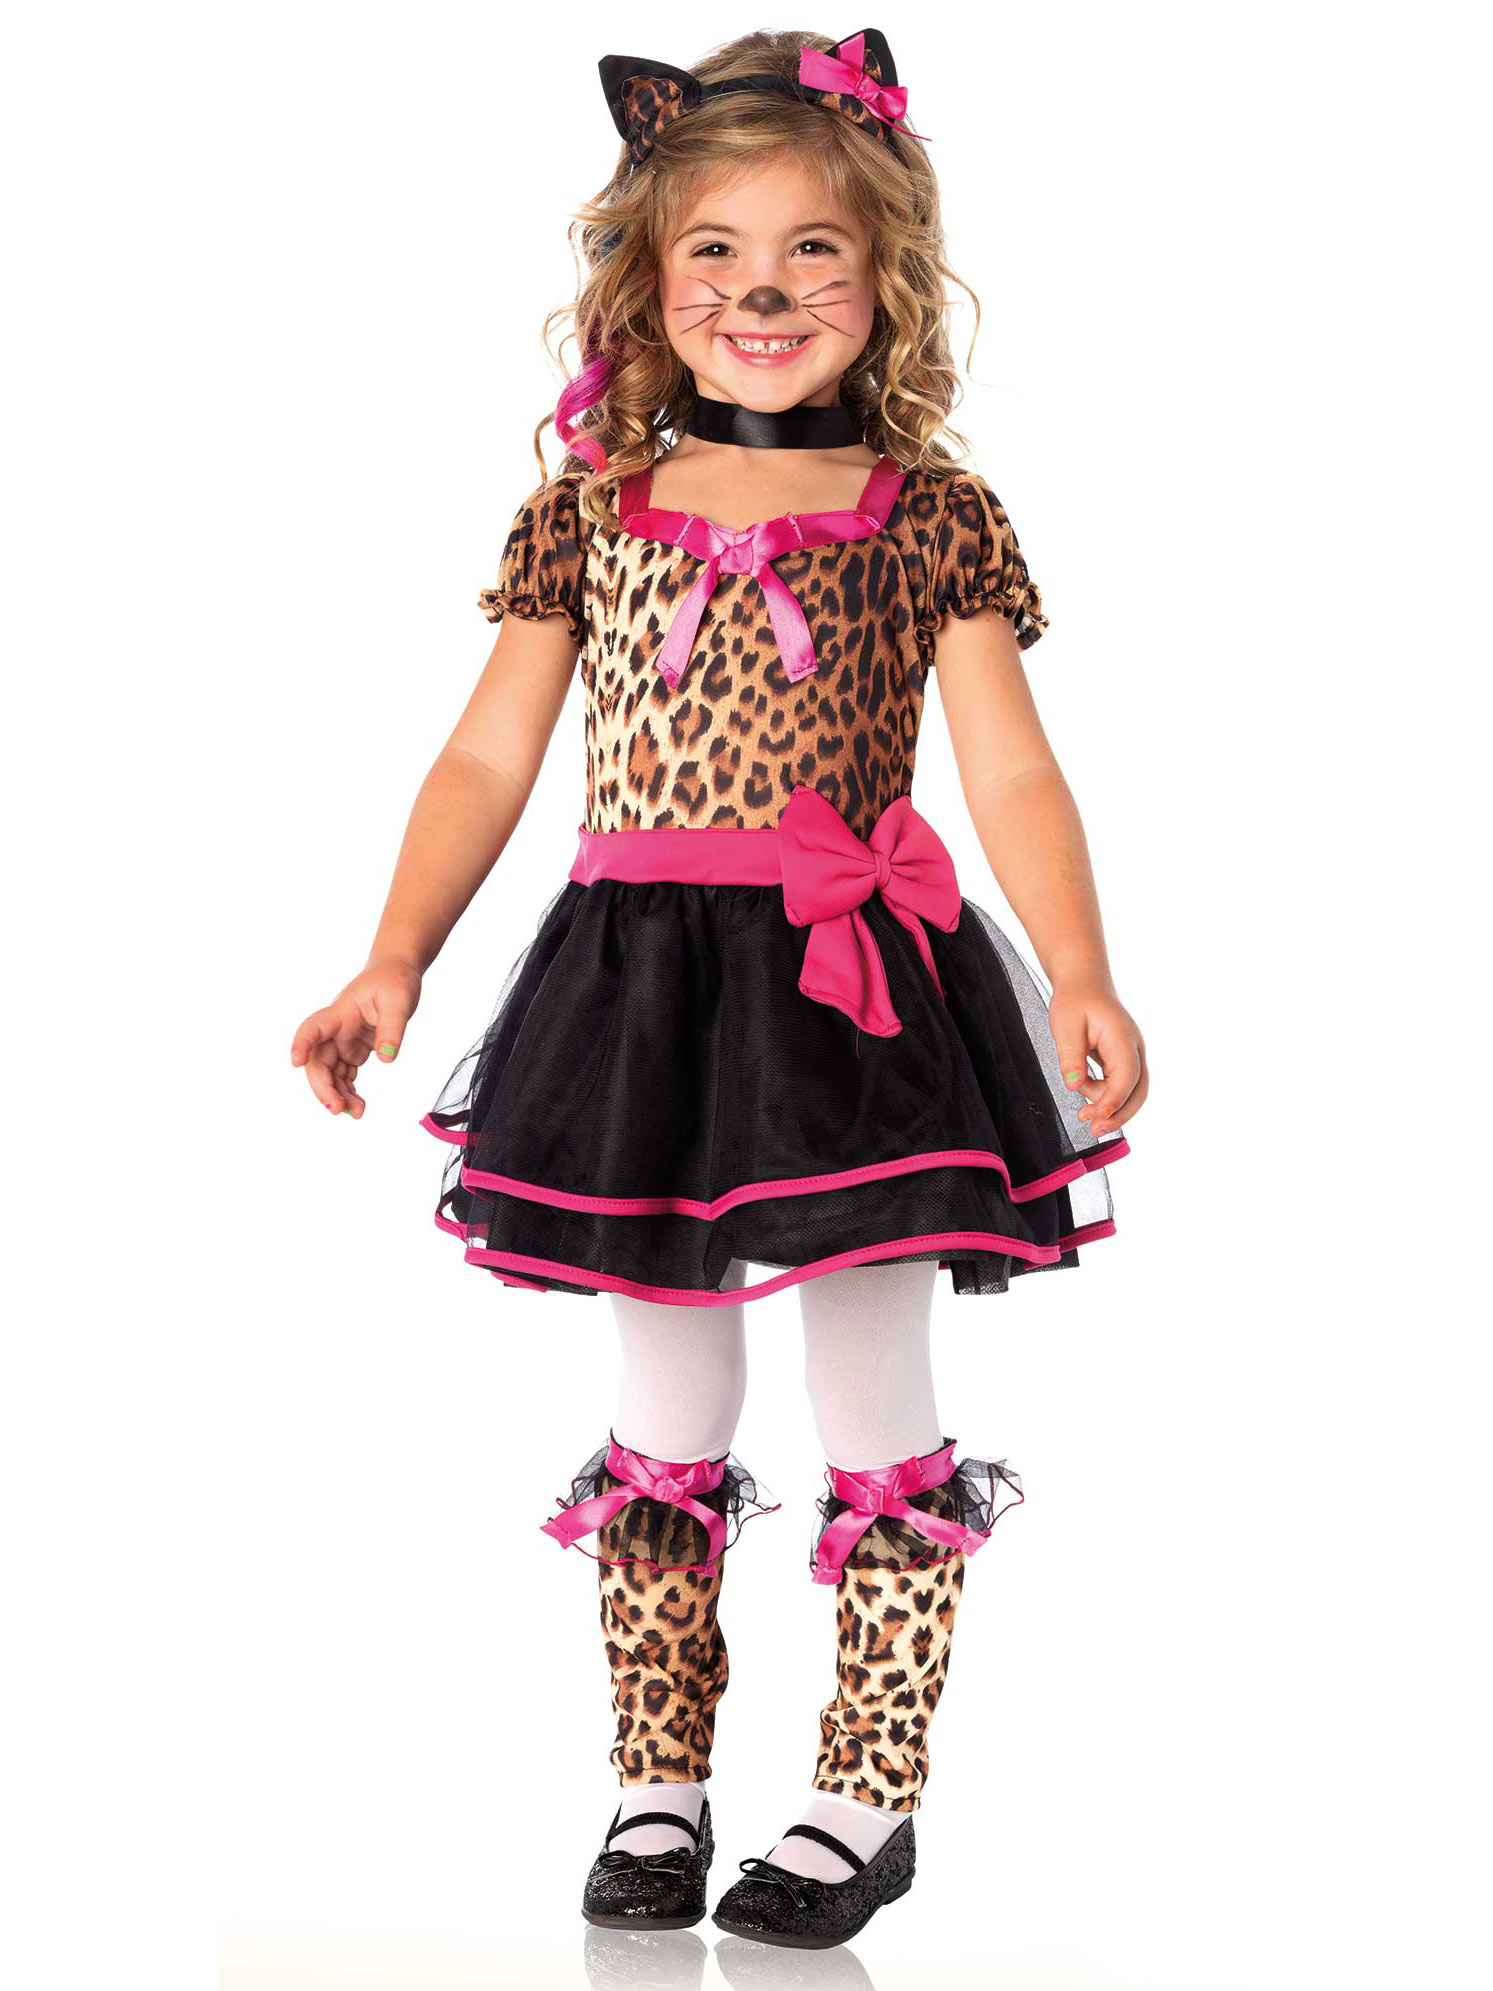 D guisement chat fille achat de d guisements enfants sur vegaoopro grossiste en d guisements - Deguisement chat fille ...